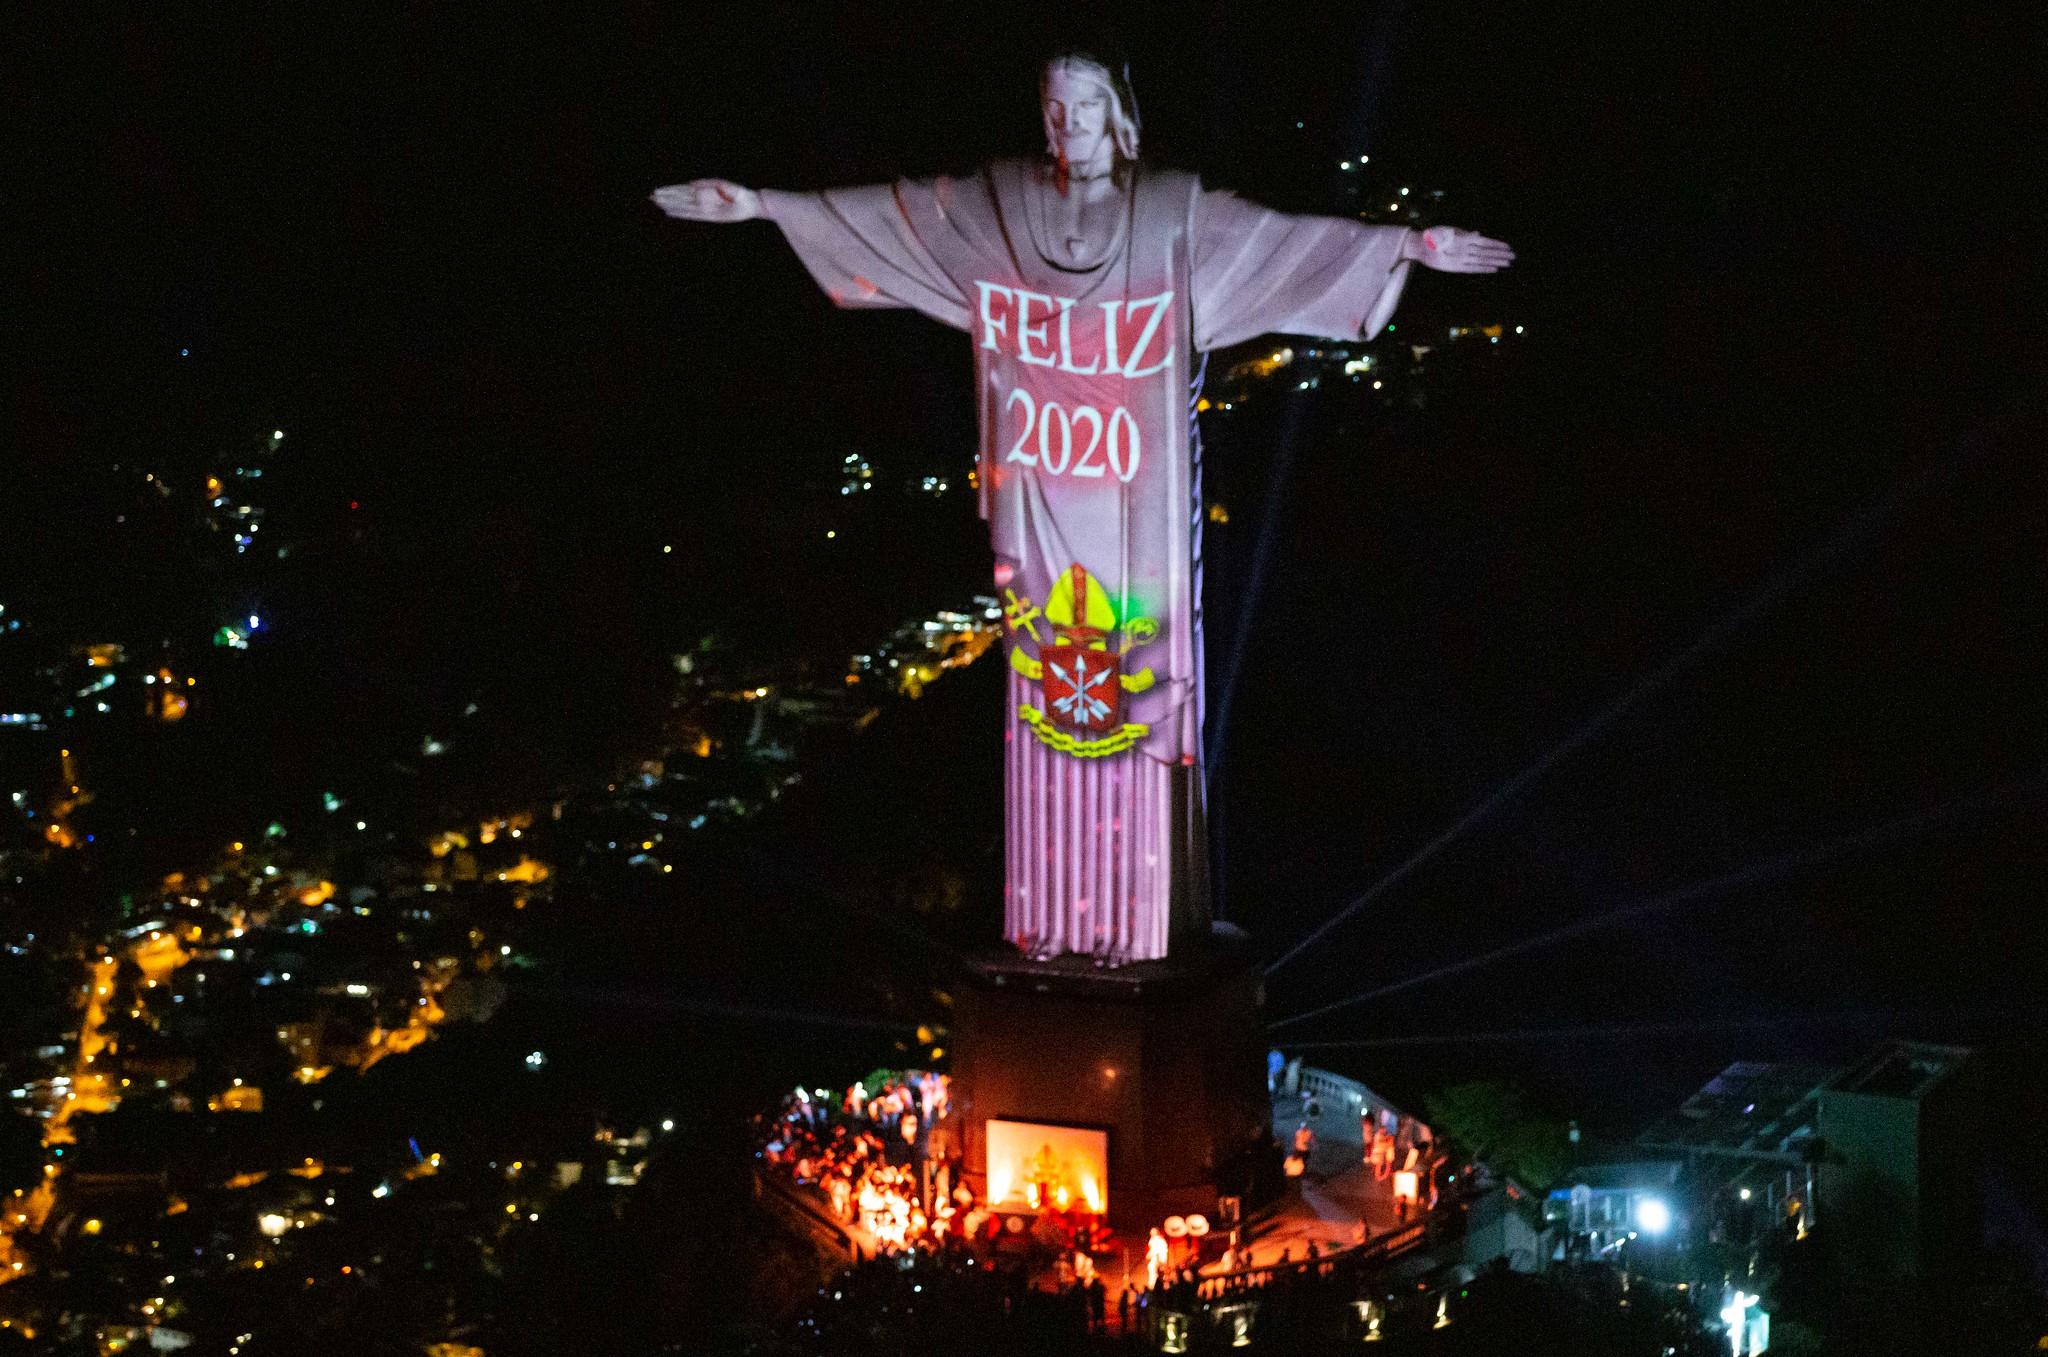 Réveillon Rio 2020 - Cristo Redentor - Rio de Janeiro. 31.12.2019. Photo: Fernando Maia / Riotur.